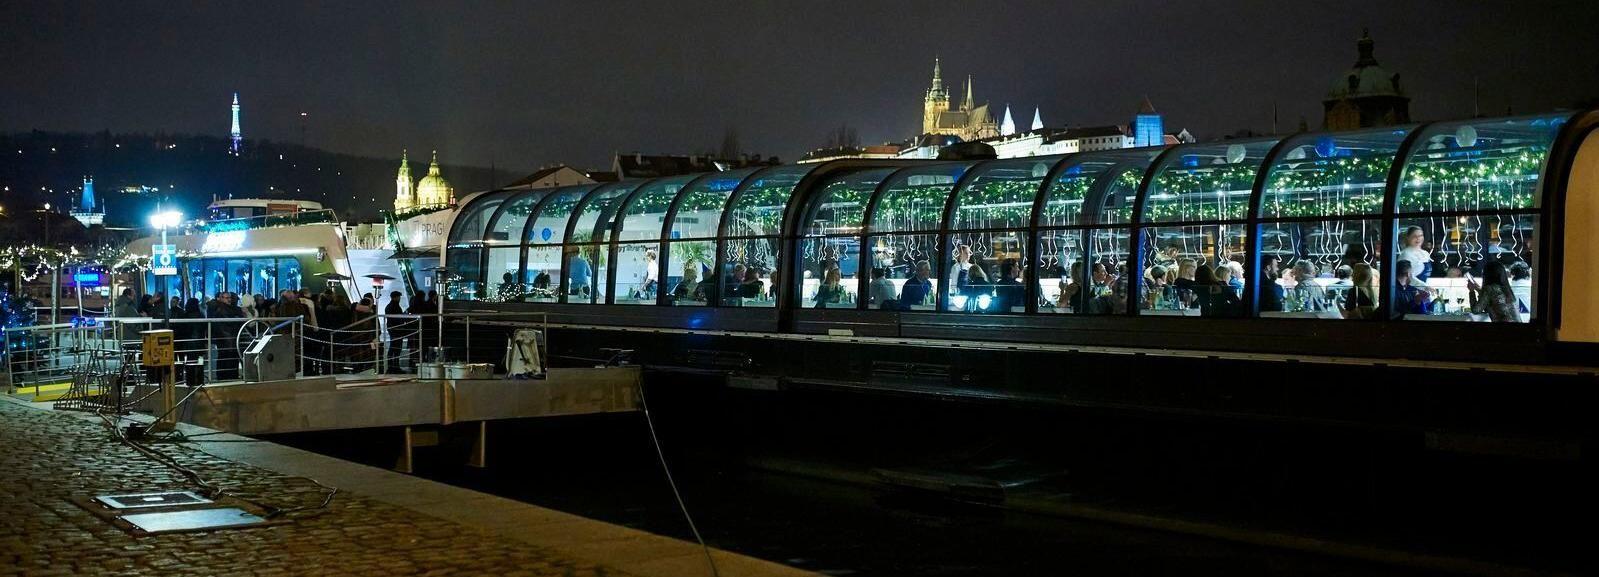 Praga: crucero de fin de año de 4,5 horas con una banda de jazz en vivo